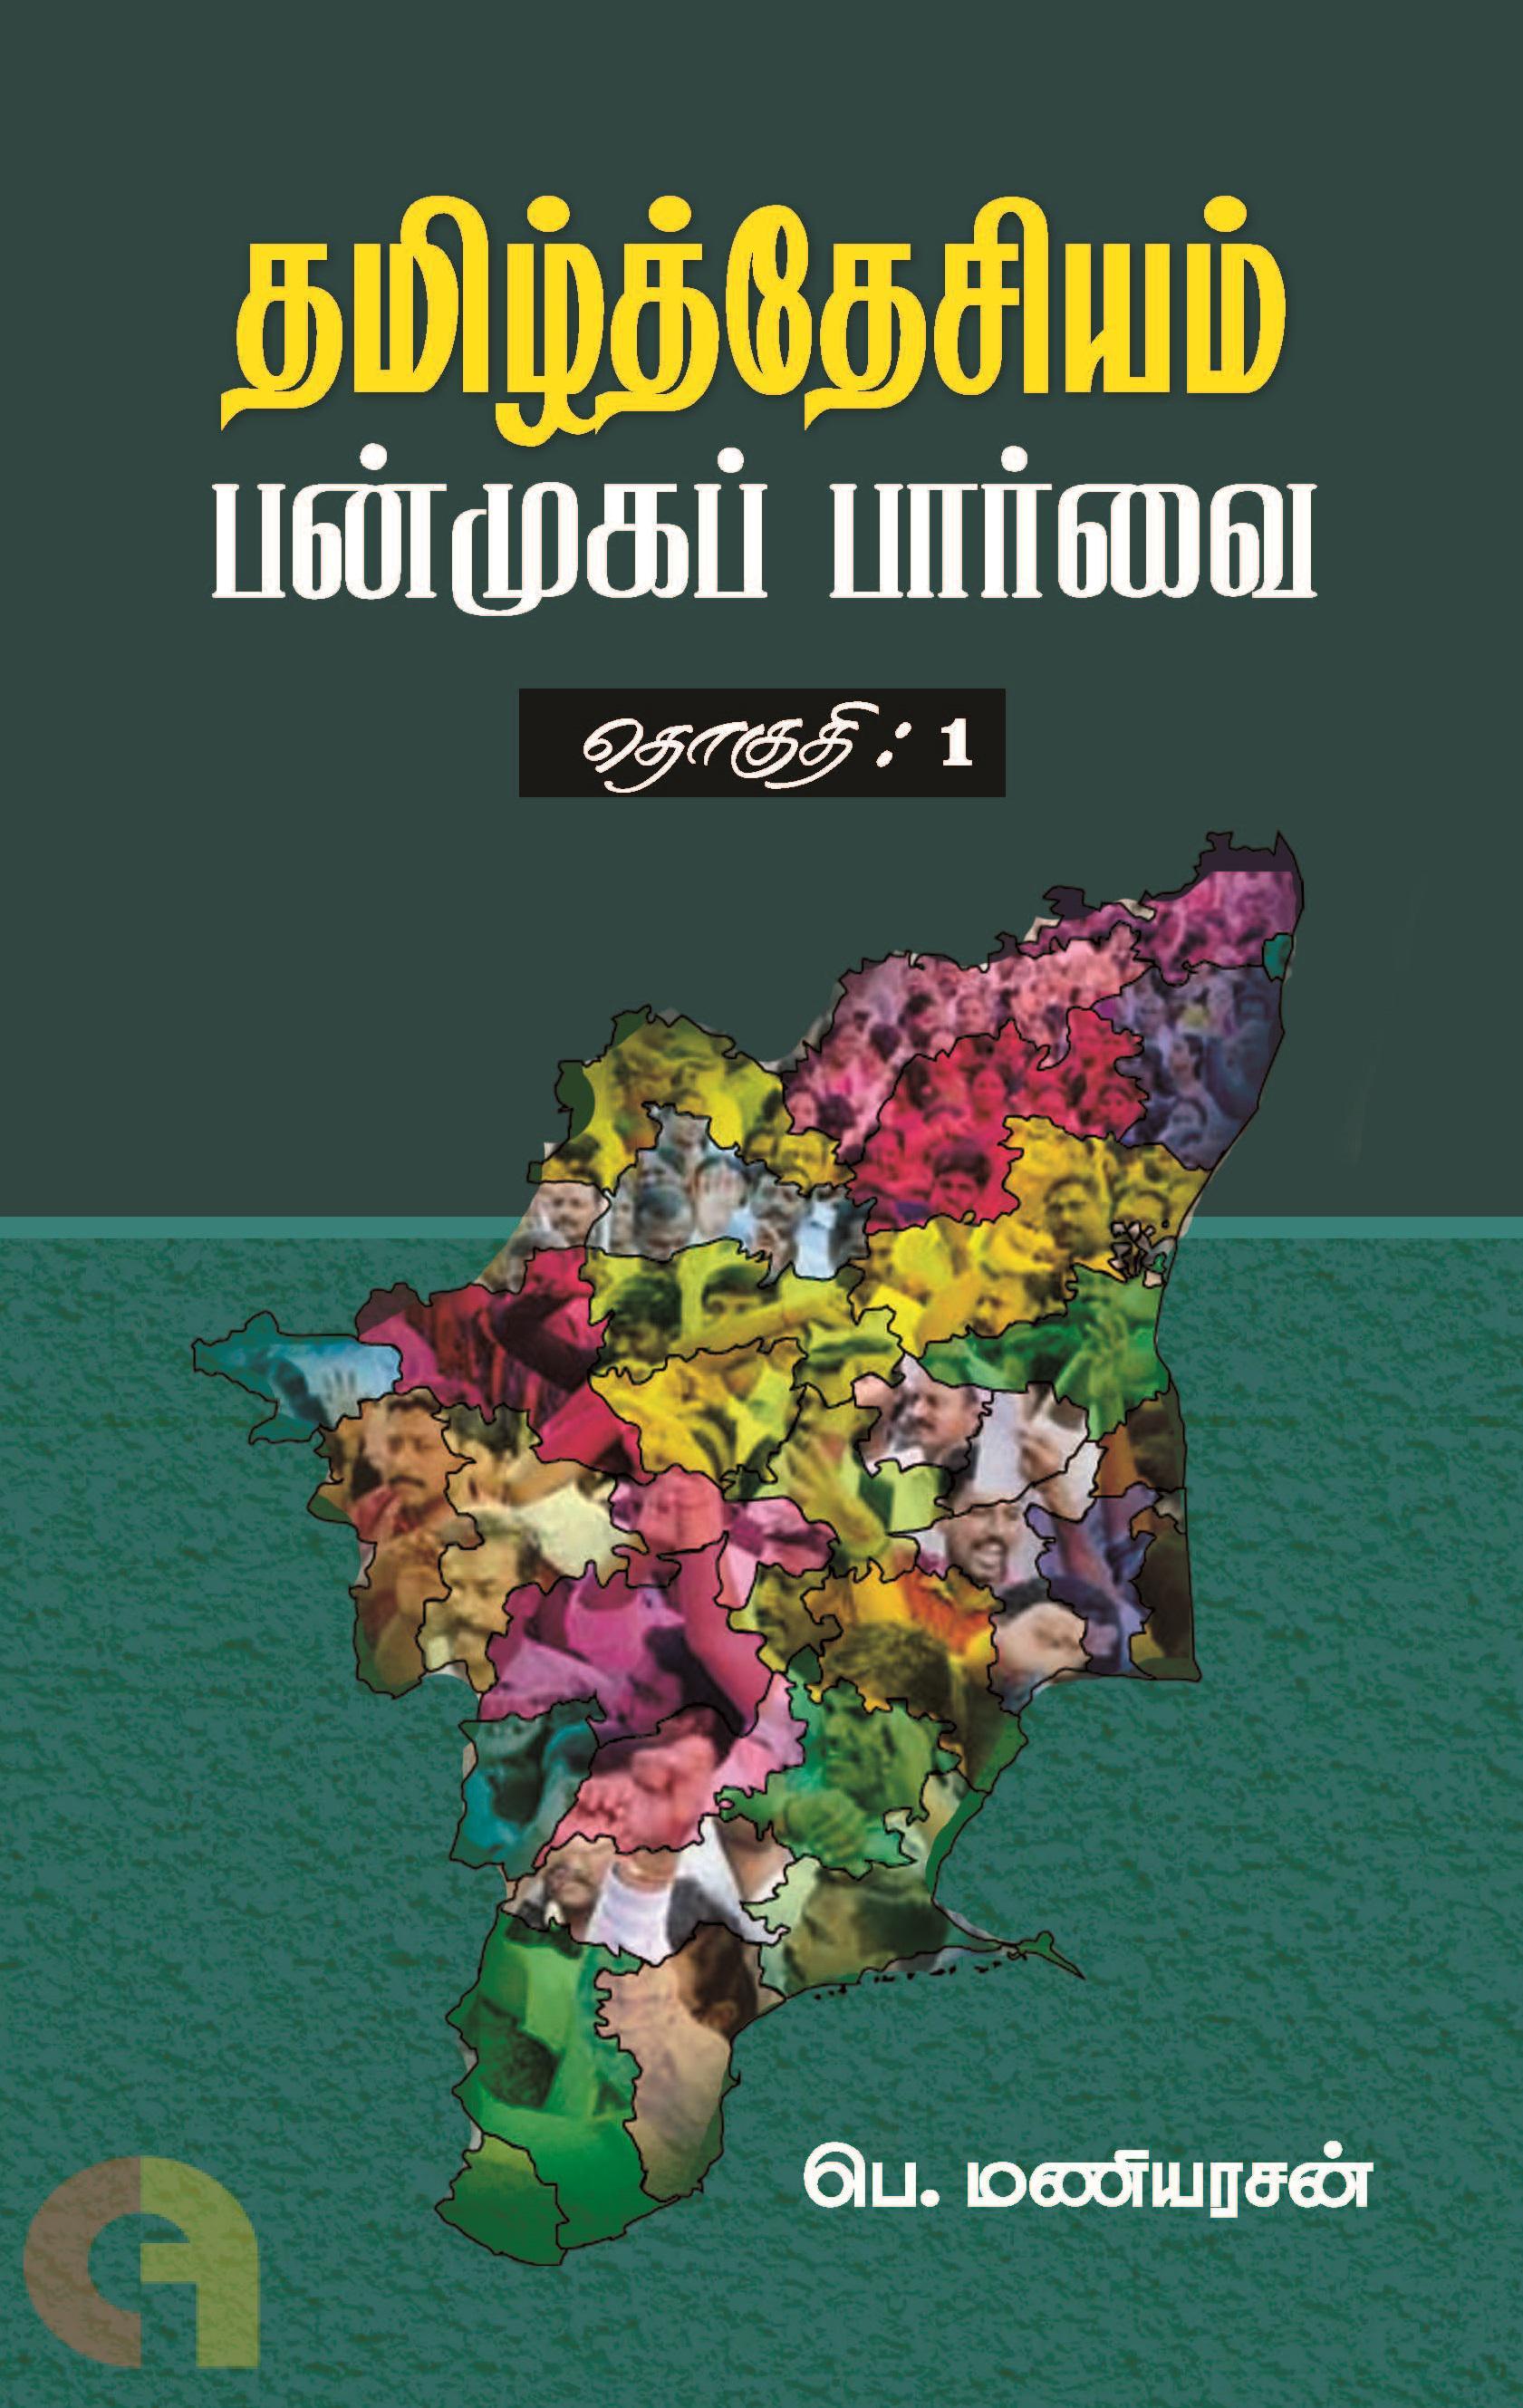 தமிழ்த்தேசியம்: பன்முகப் பார்வை (தொகுதி 1)